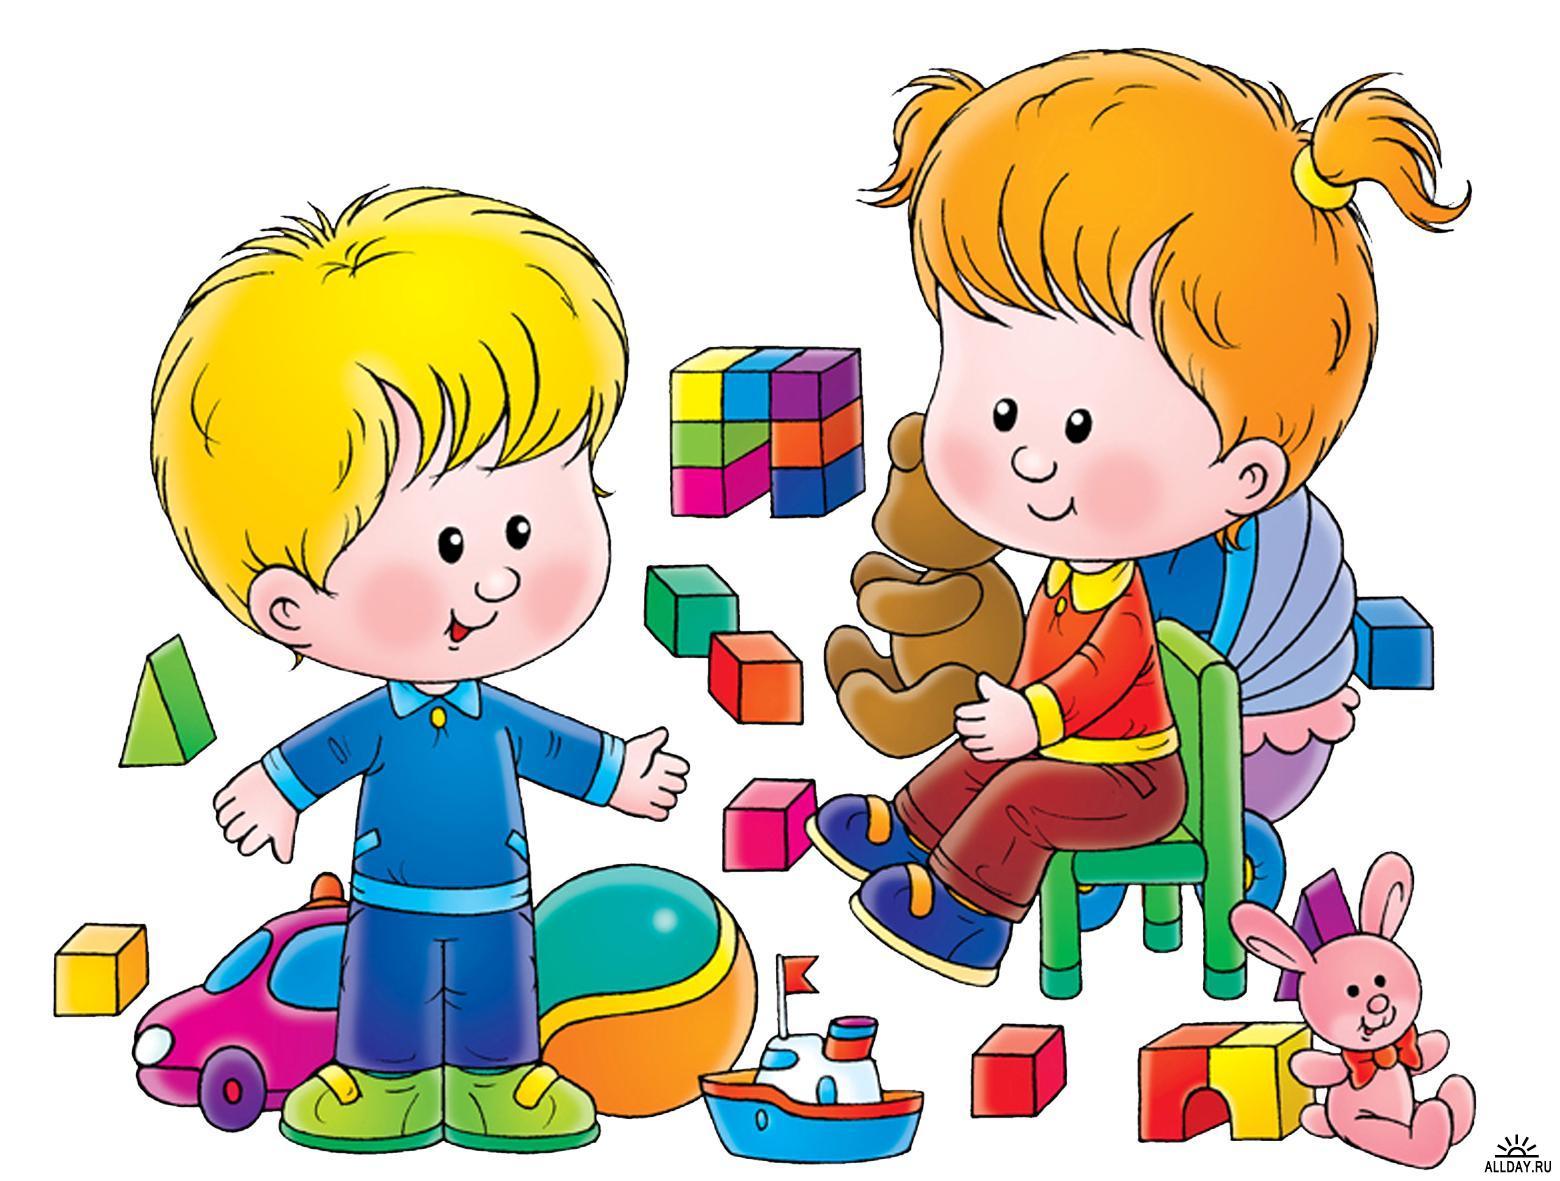 Тема ролевая игра с ребенком ролевая игра психология пример